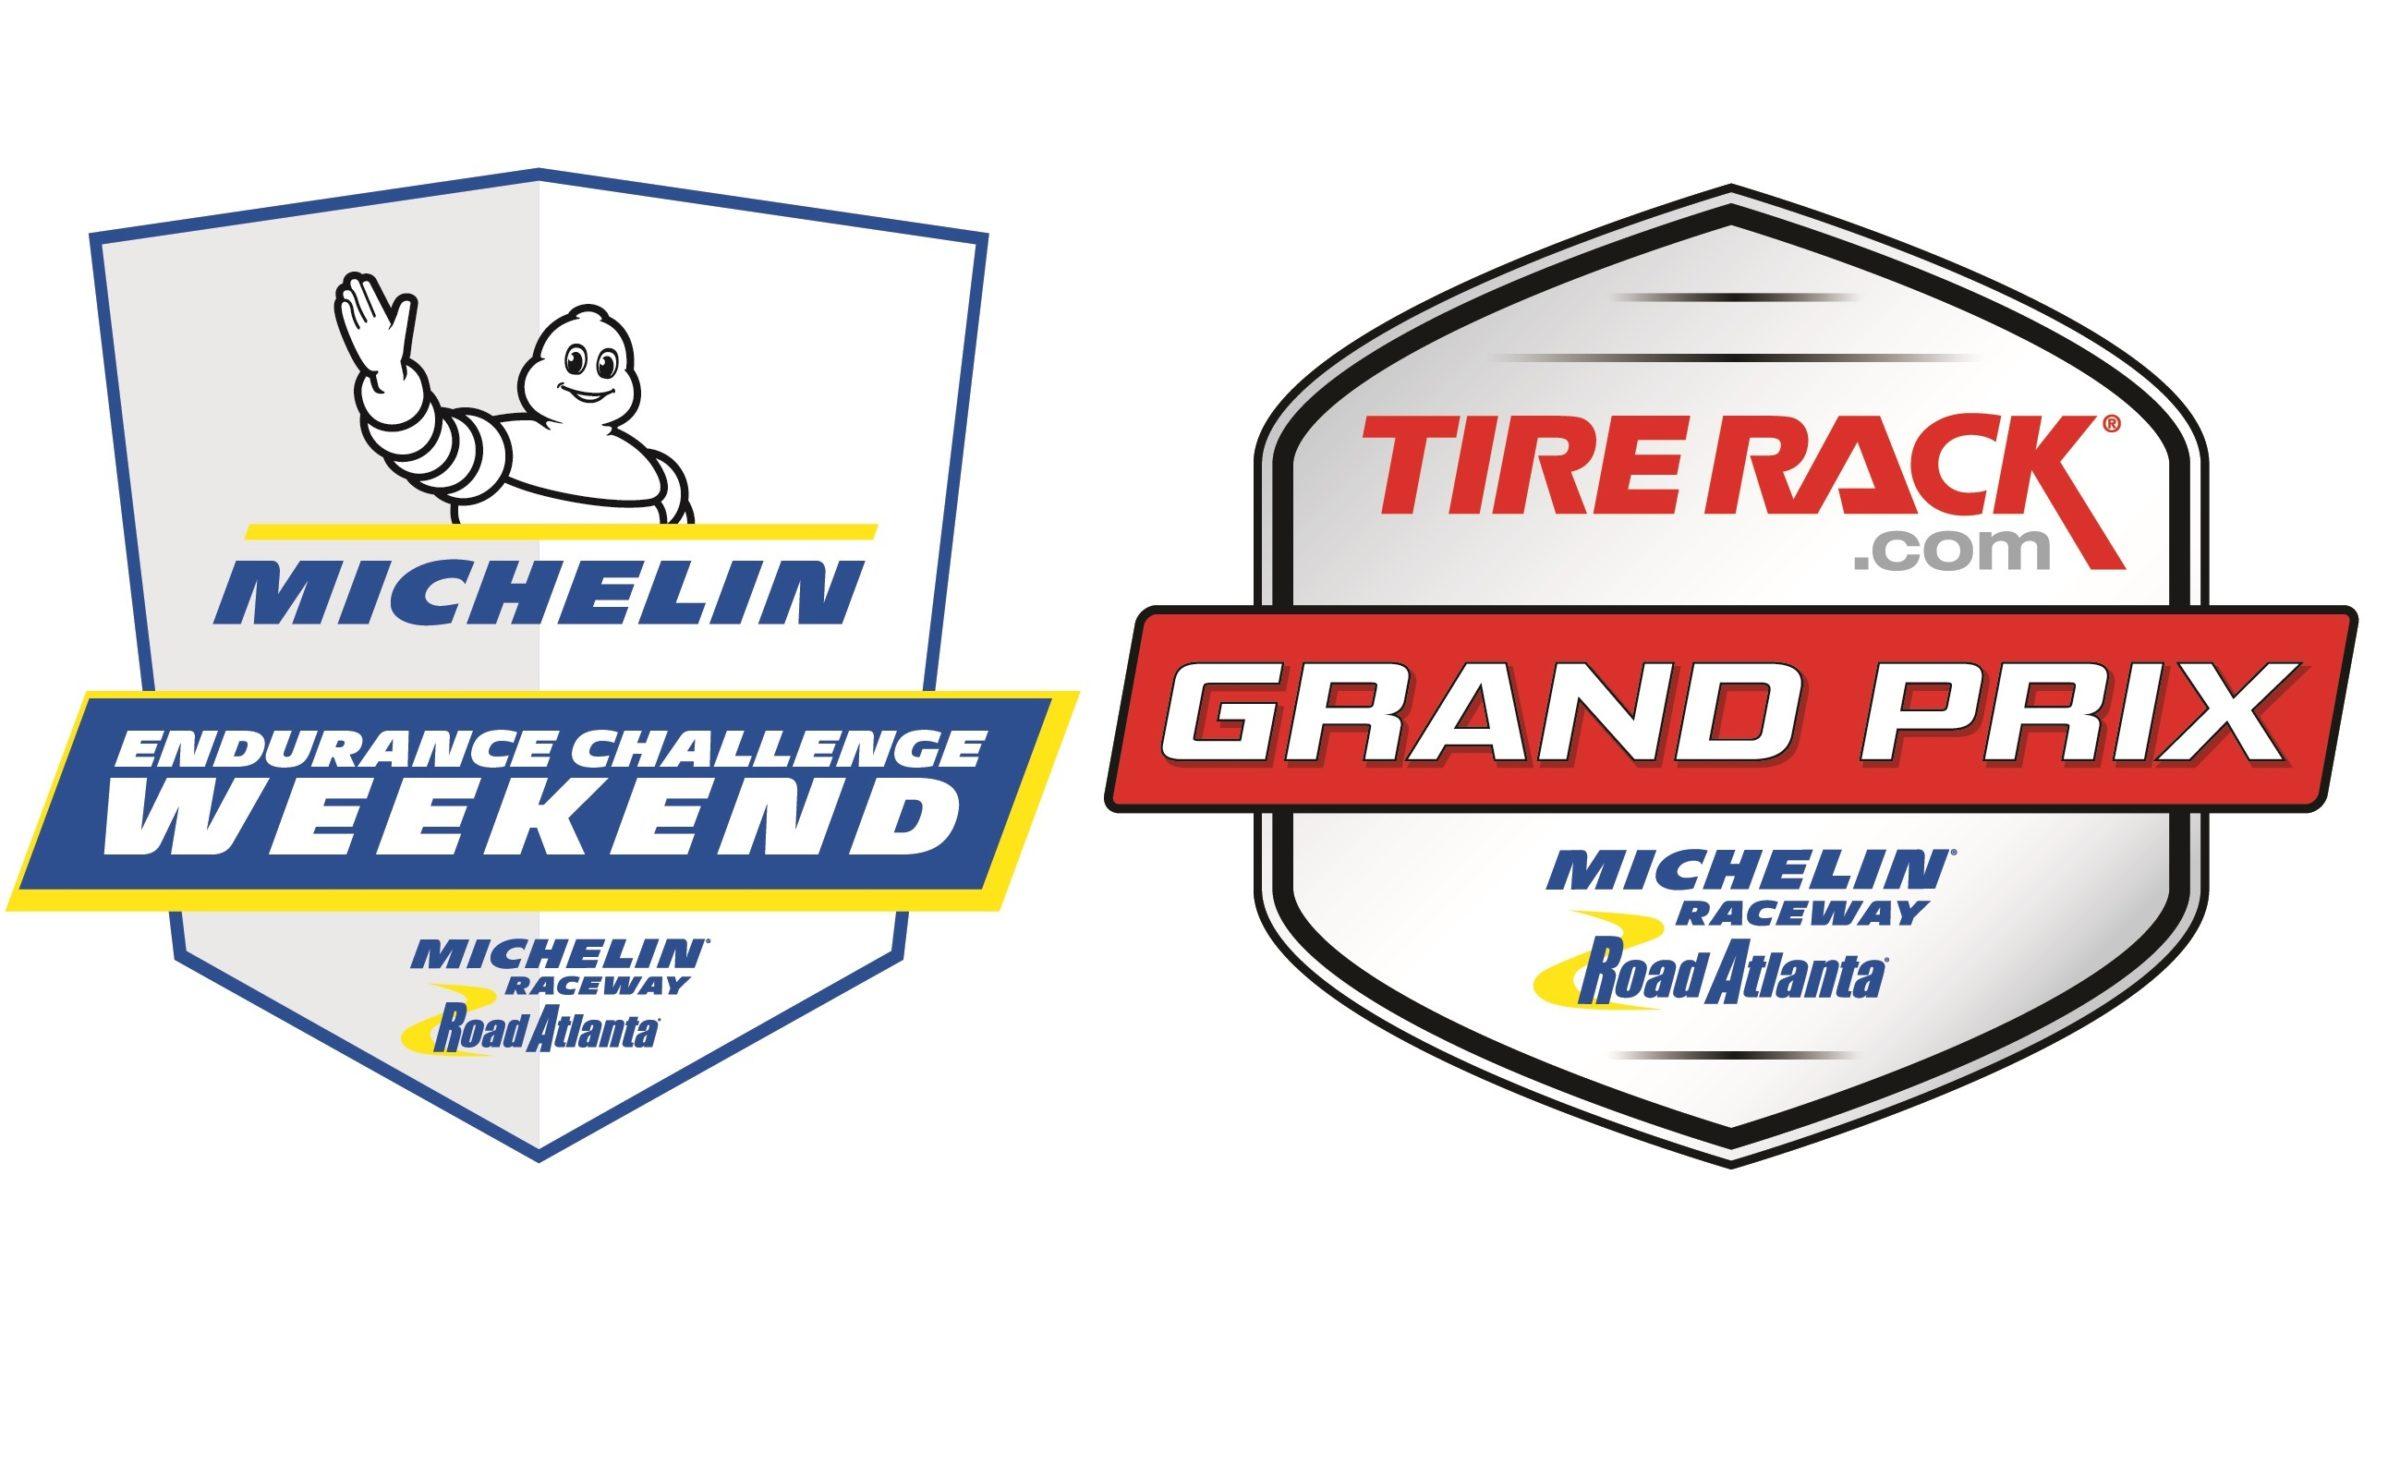 tirerack com six hour race part of new